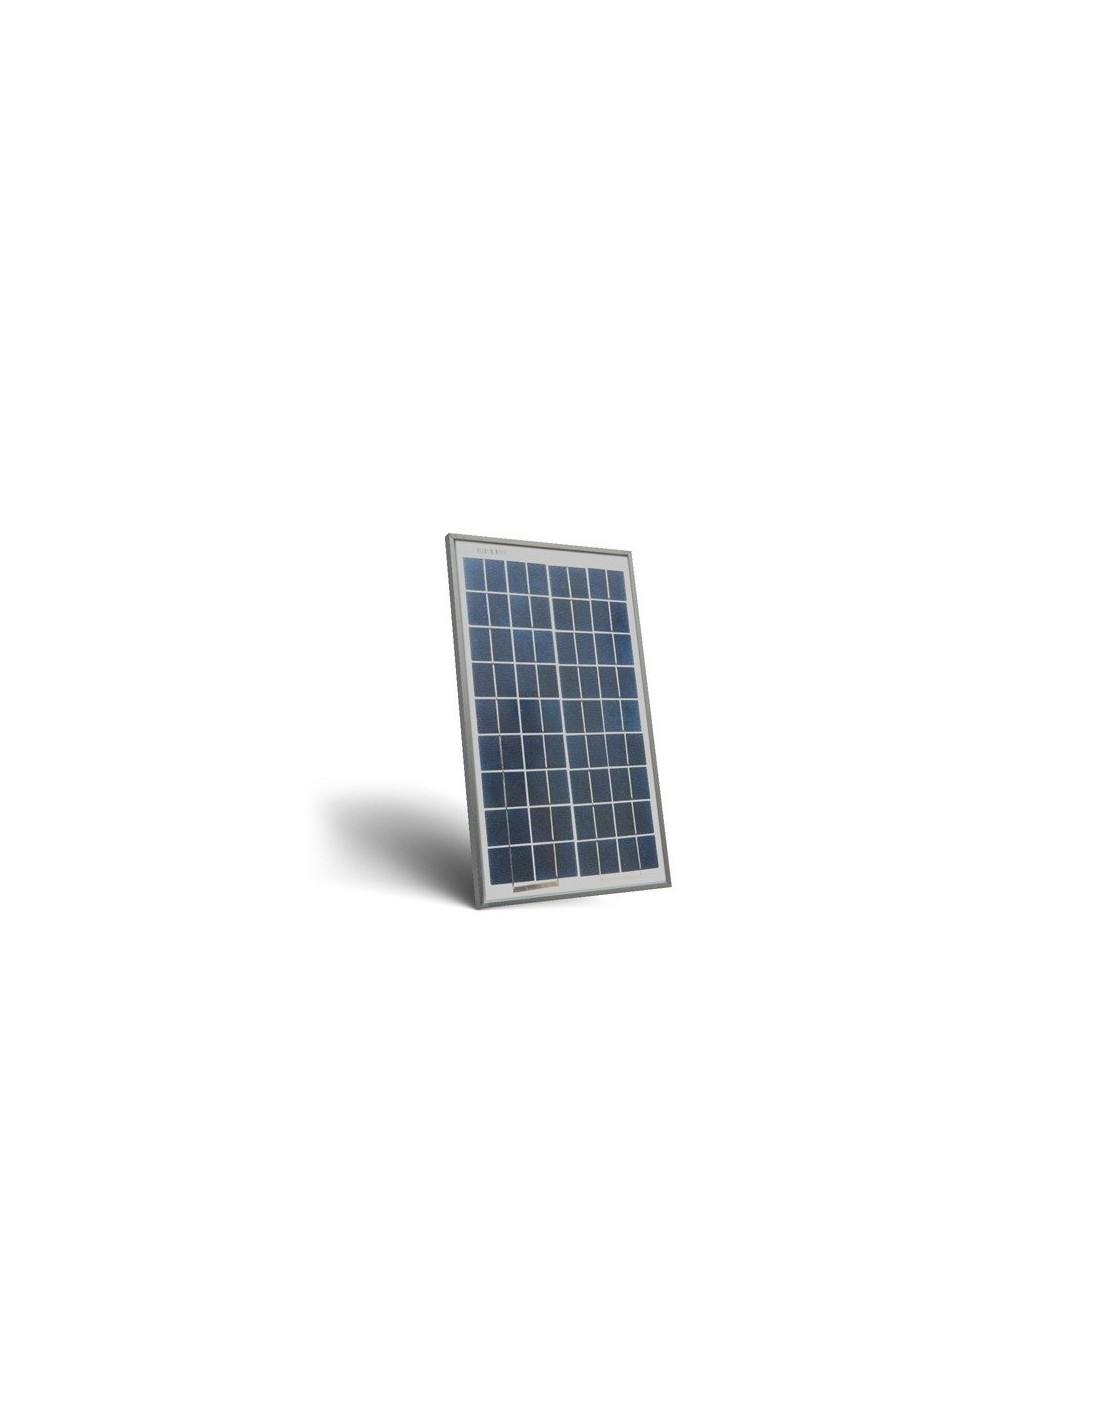 Pannello Solare Per Ricaricare Auto Elettrica : Pannello solare modulo fotovoltaico w v celle silicio